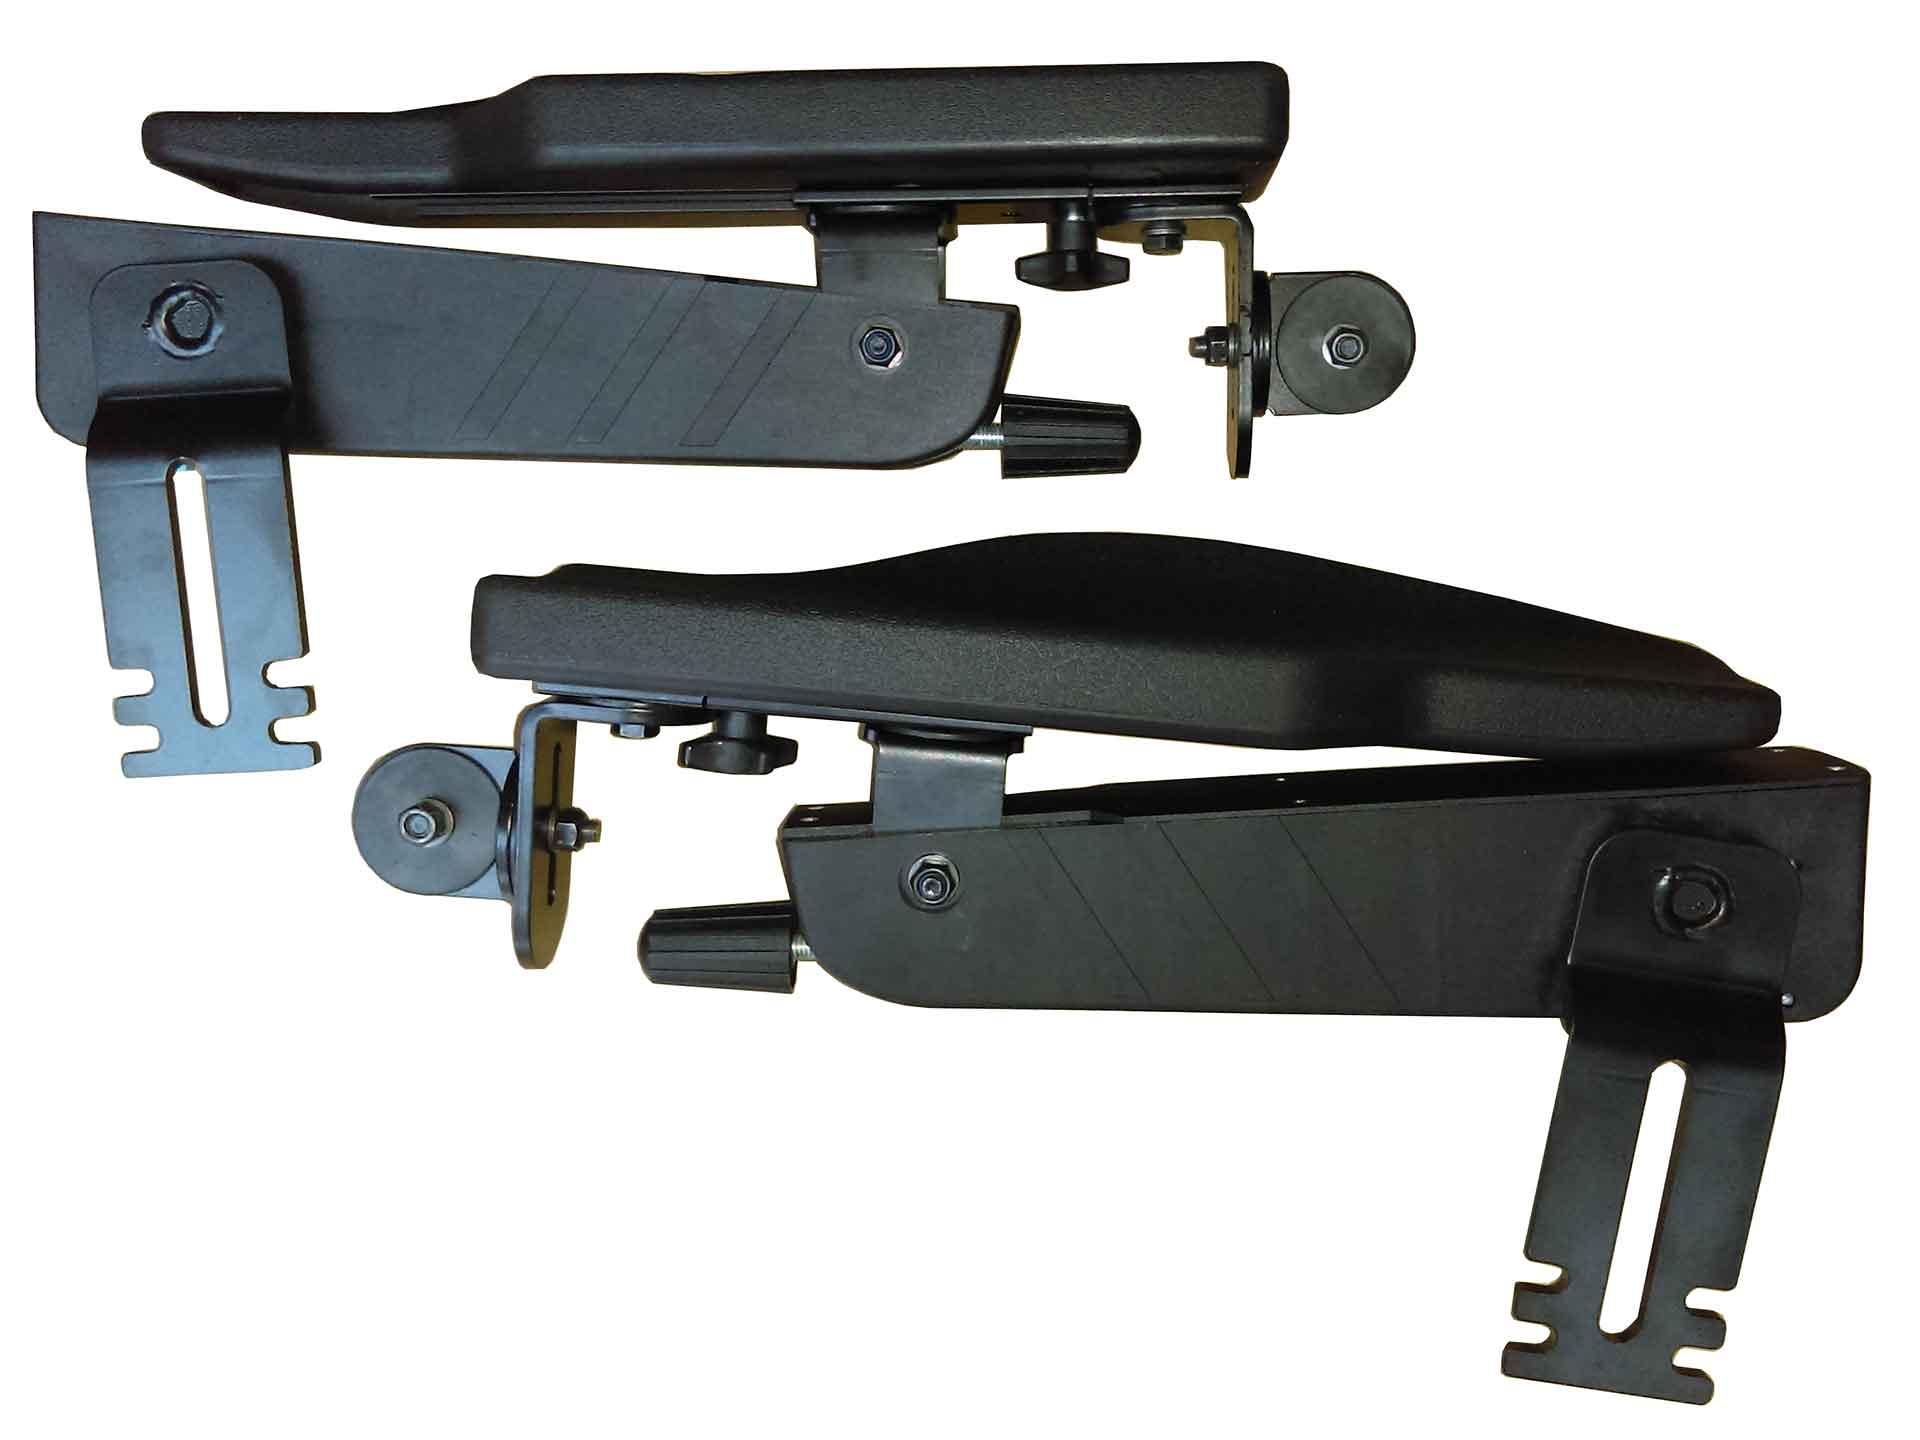 Frameco 600S armrests